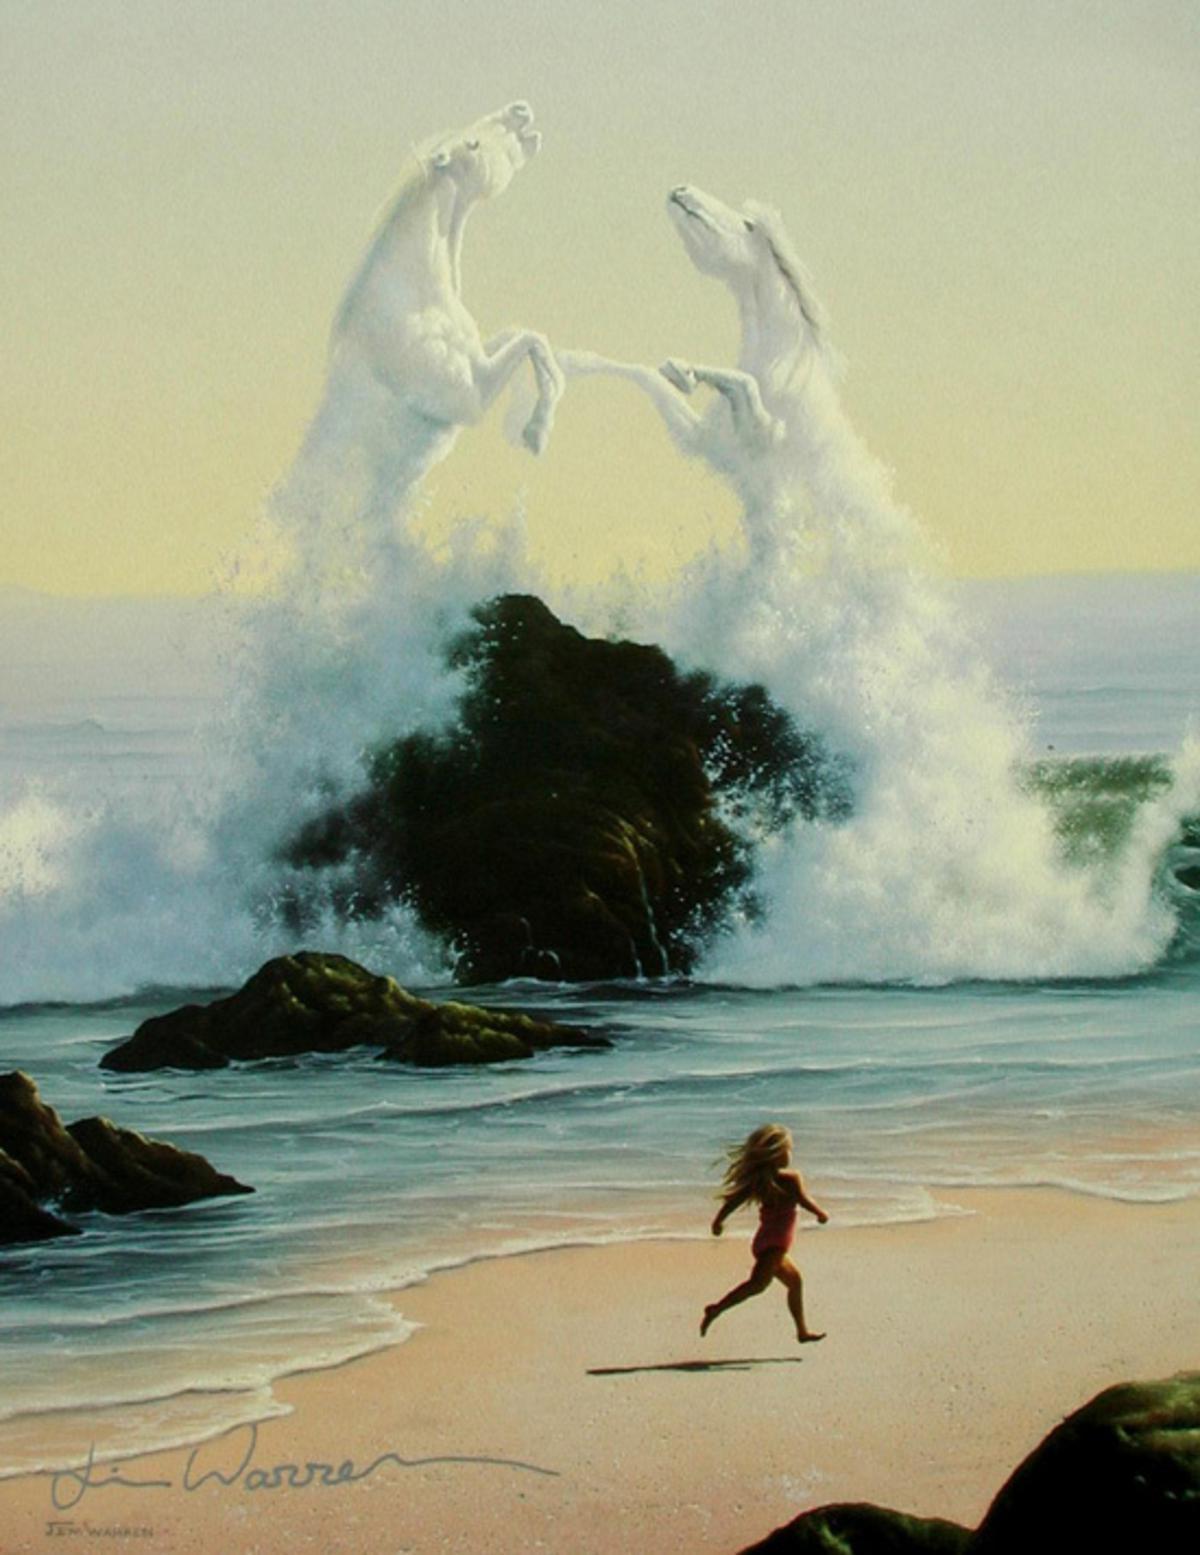 искусства фото море джим уоррен происходит потому